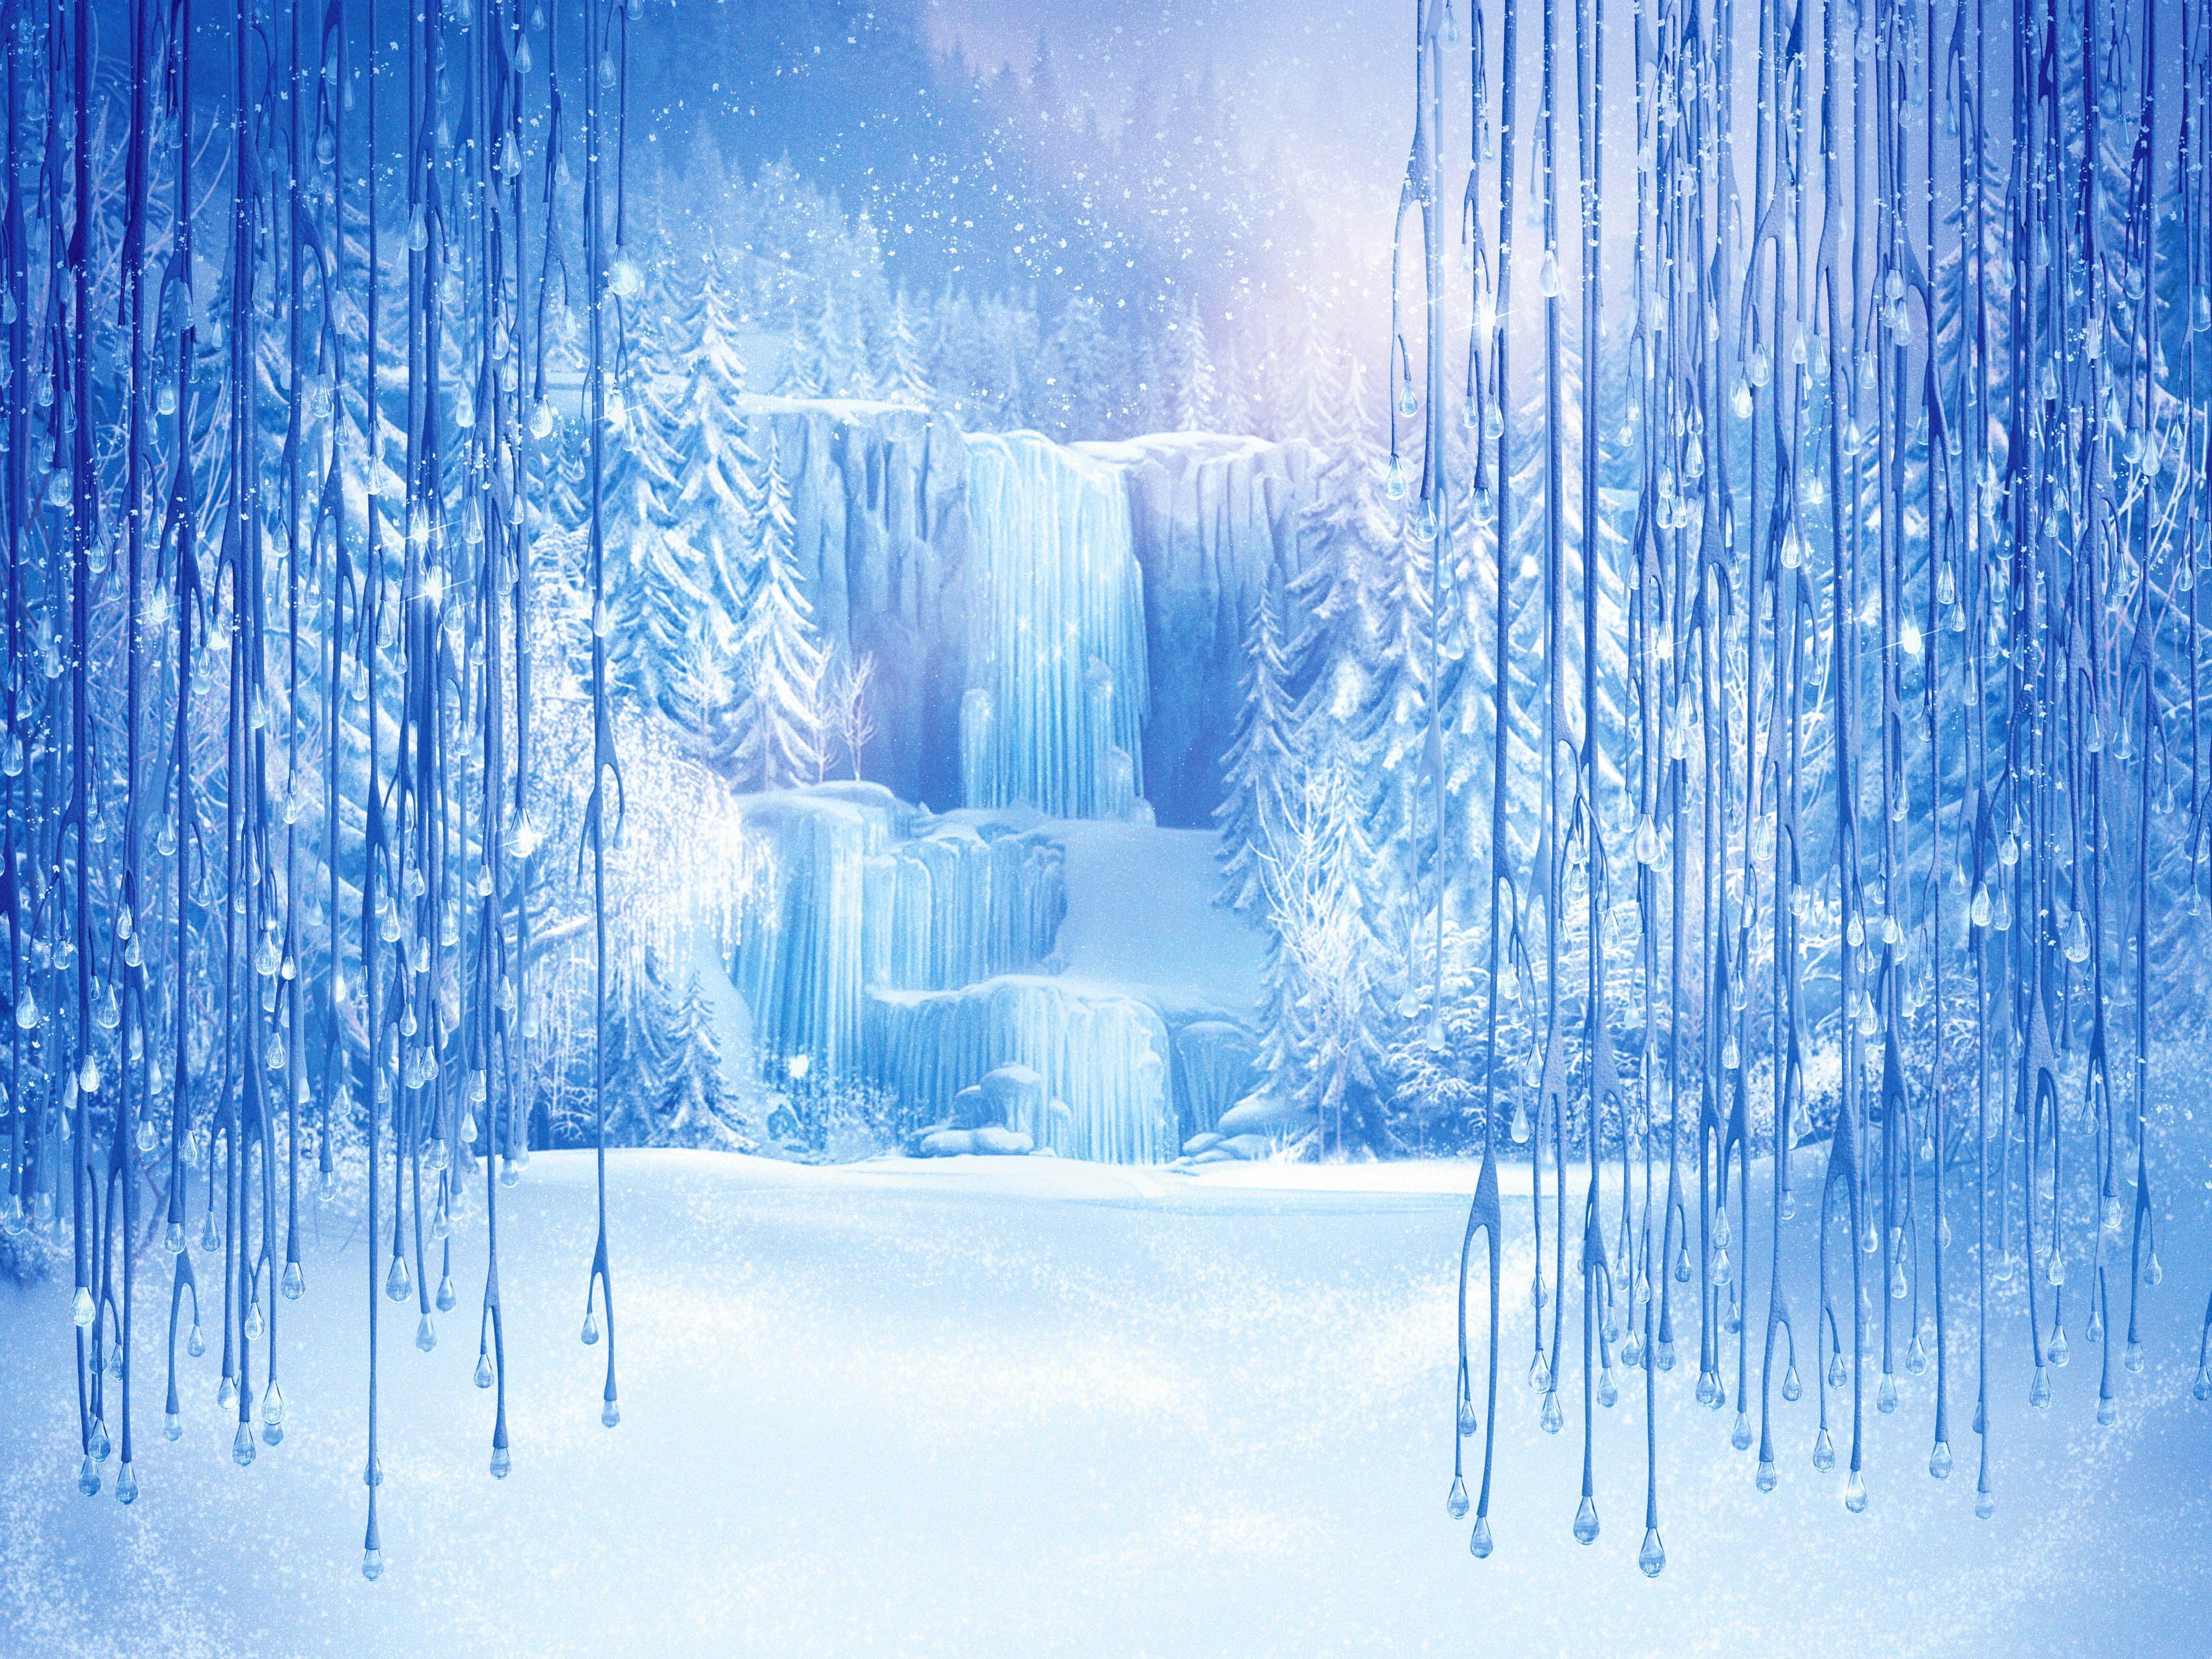 Frozen wallpapers for desktop wallpapersafari - Wallpaper for frozen ...